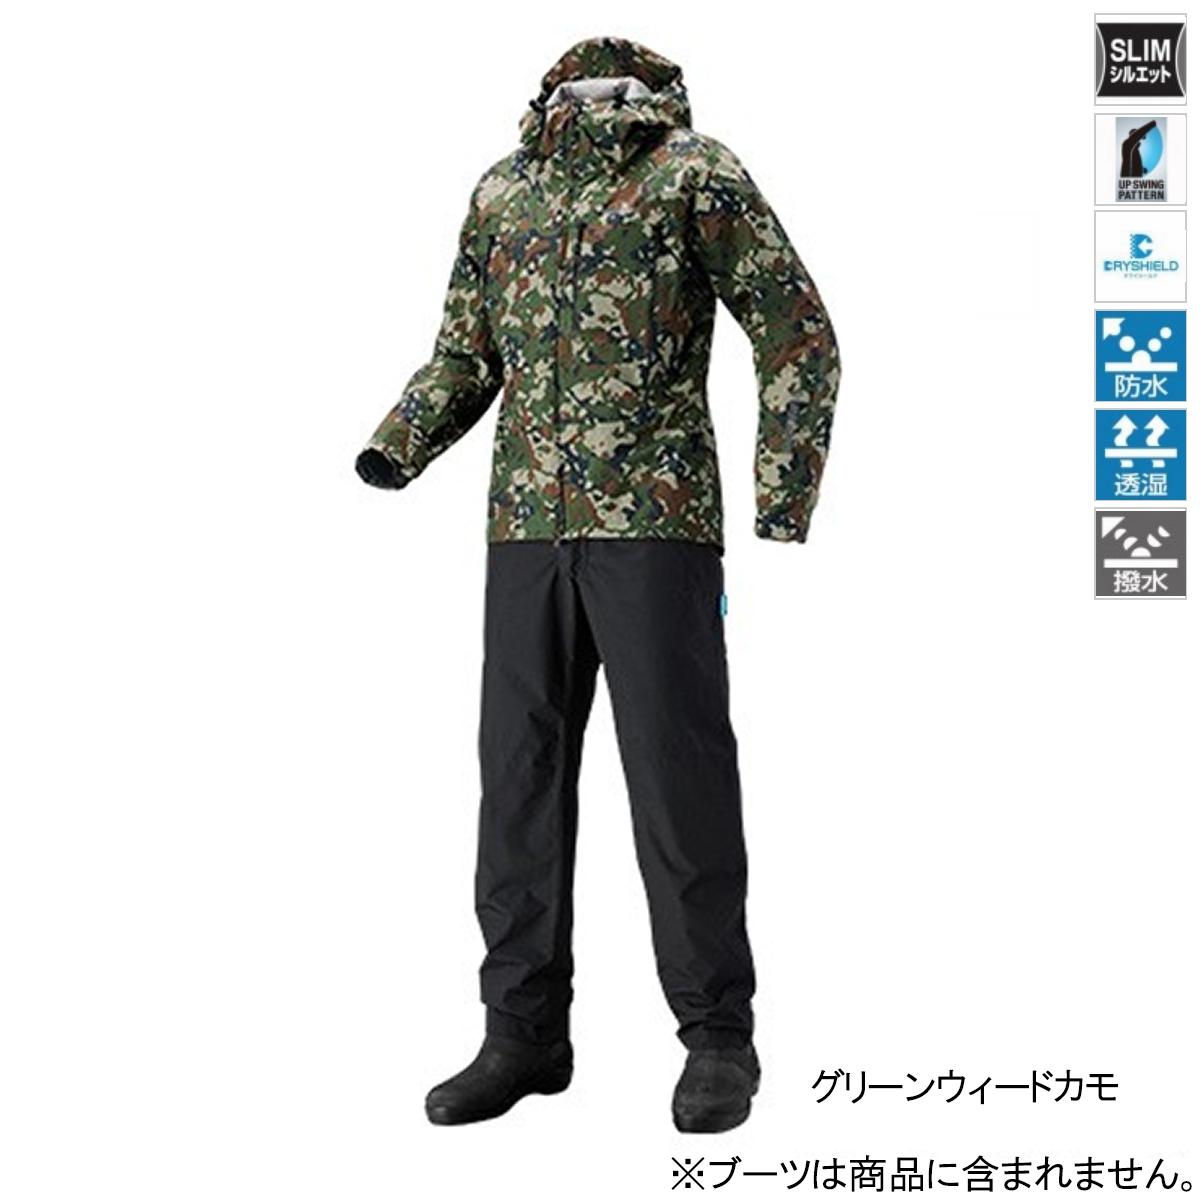 シマノ DSエクスプローラースーツ RA-024S L グリーンウィードカモ(東日本店)